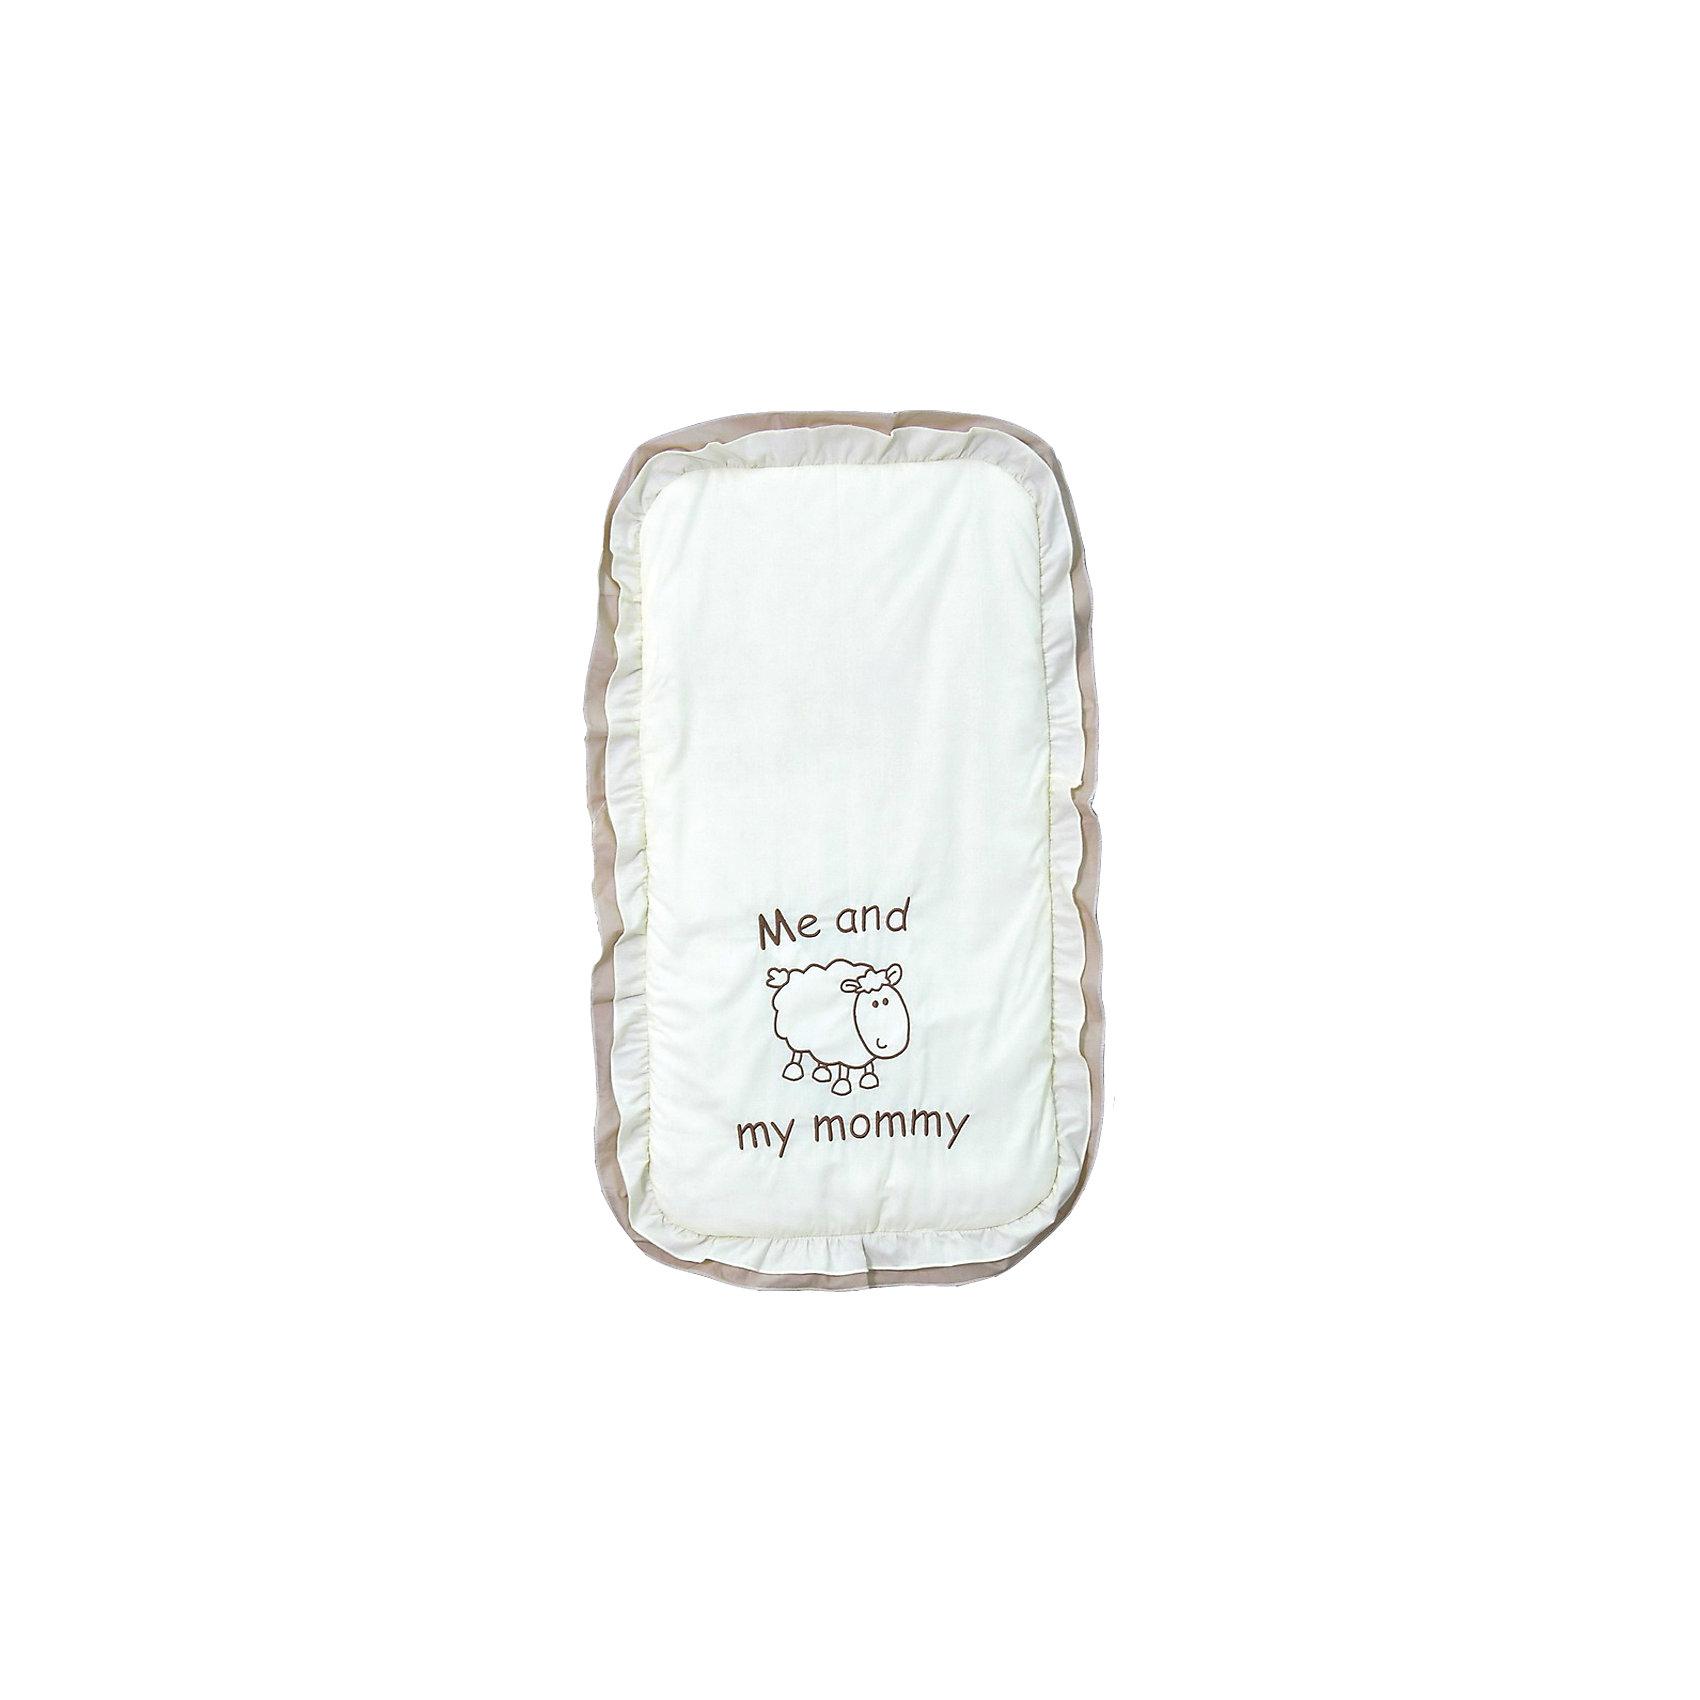 Комплект в детскую коляску Я и моя мама, FairyАксессуары для колясок<br>Постельное белье малышу требуется не только в кроватке - коляска тоже должна быть оборудована удобным комплектом. Хорошее постельное белье для детей делается из натуральных материалов. Этот комплект, состоящий из матрасика и подушки, сшит из хлопка, гипоаллергенного, приятного на ощупь и позволяющего коже дышать.<br>Все предметы из набора - стандартных размеров, отлично подойдут к обычной коляске. Комплект утеплен холлофайбером, это поможет обеспечить малышу комфорт и тепло. Комплект украшен оборками и вышивкой. Симпатичная расцветка набора отлично подойдет к любой коляске и одежде малыша.<br><br>Дополнительная информация:<br><br>цвет: белый, бежевый;<br>материал: 100% хлопок, холлофайбер;<br>матрасик 75х40х2 см;<br>подушка 40х30х2 см.<br><br>Комплект в детскую коляску Я и моя мама торговой марки Фея можно купить в нашем магазине.<br><br>Ширина мм: 750<br>Глубина мм: 400<br>Высота мм: 20<br>Вес г: 300<br>Возраст от месяцев: 0<br>Возраст до месяцев: 36<br>Пол: Унисекс<br>Возраст: Детский<br>SKU: 4873638